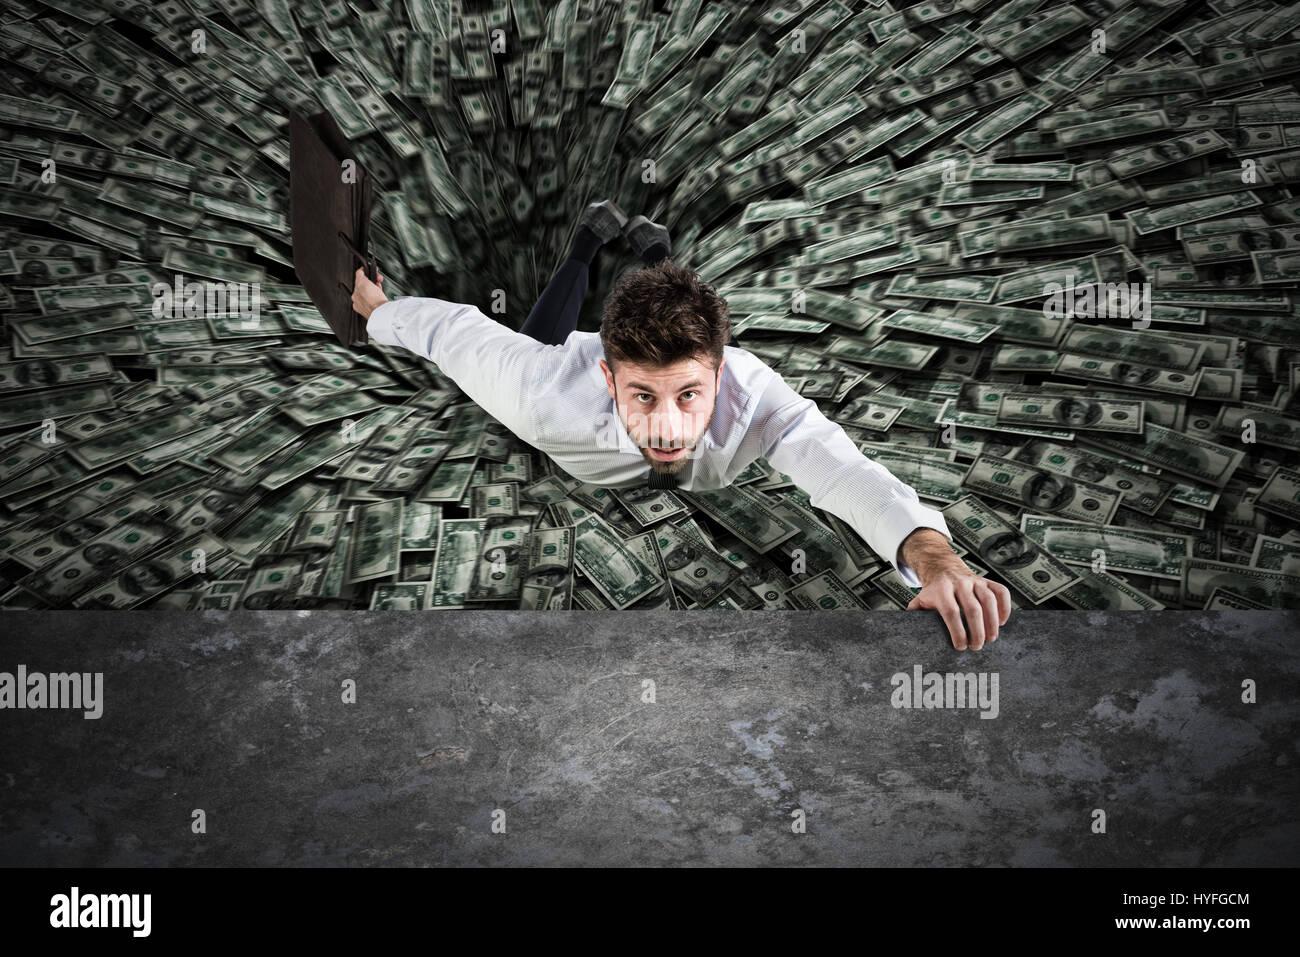 Black hole of money - Stock Image